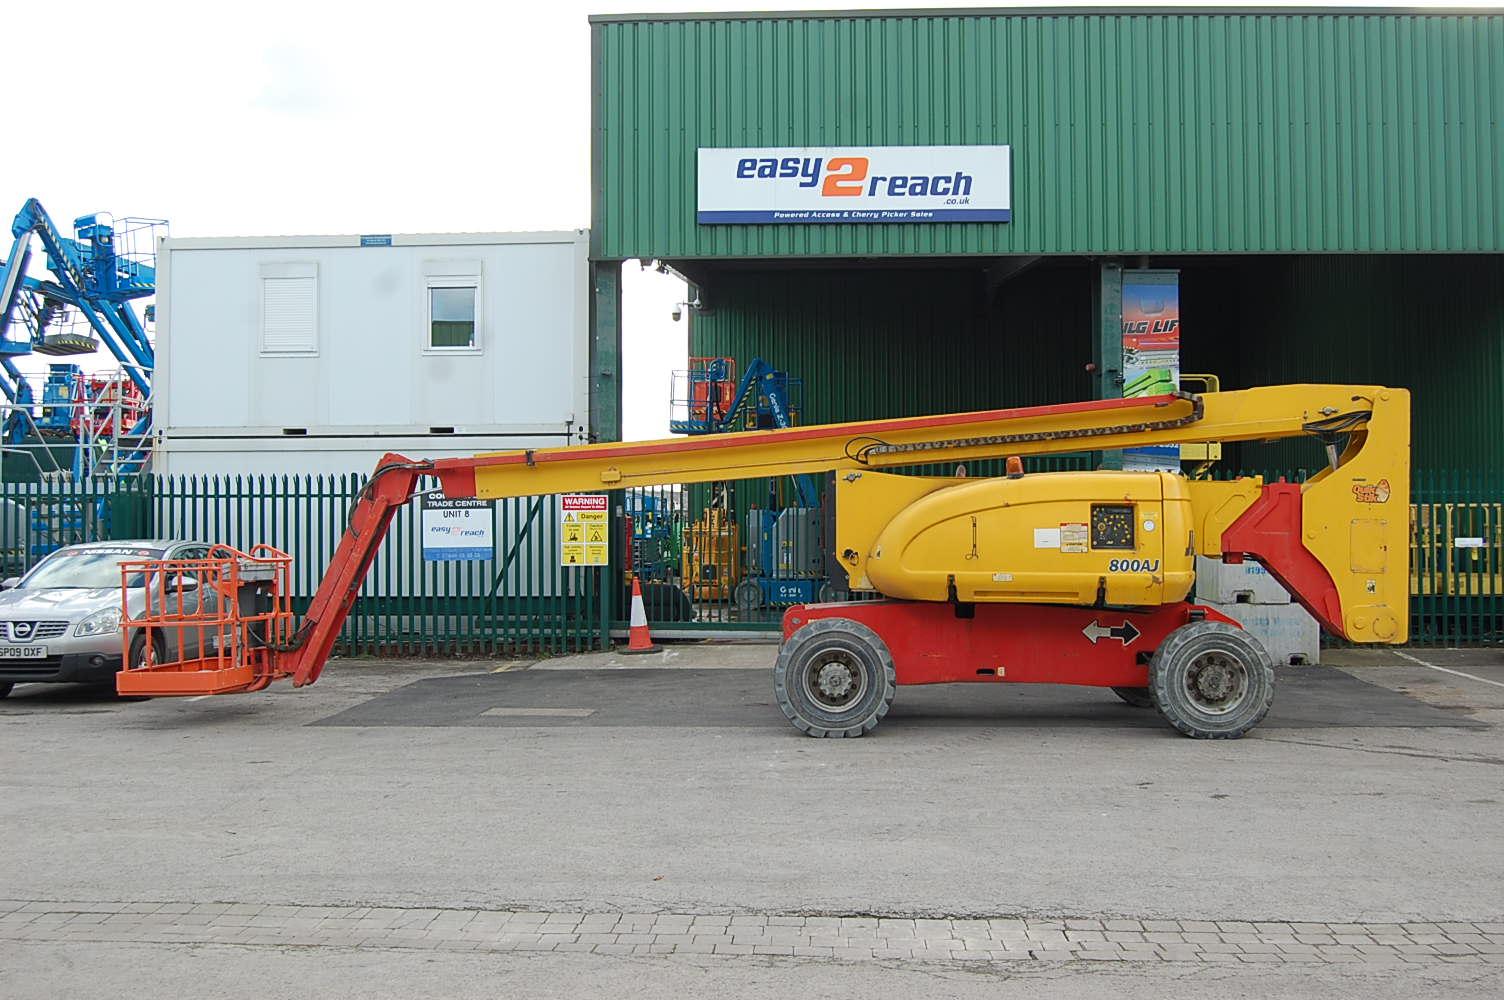 JLG 800AJ Diesel Rough Terrain Boom Lift 26.5m